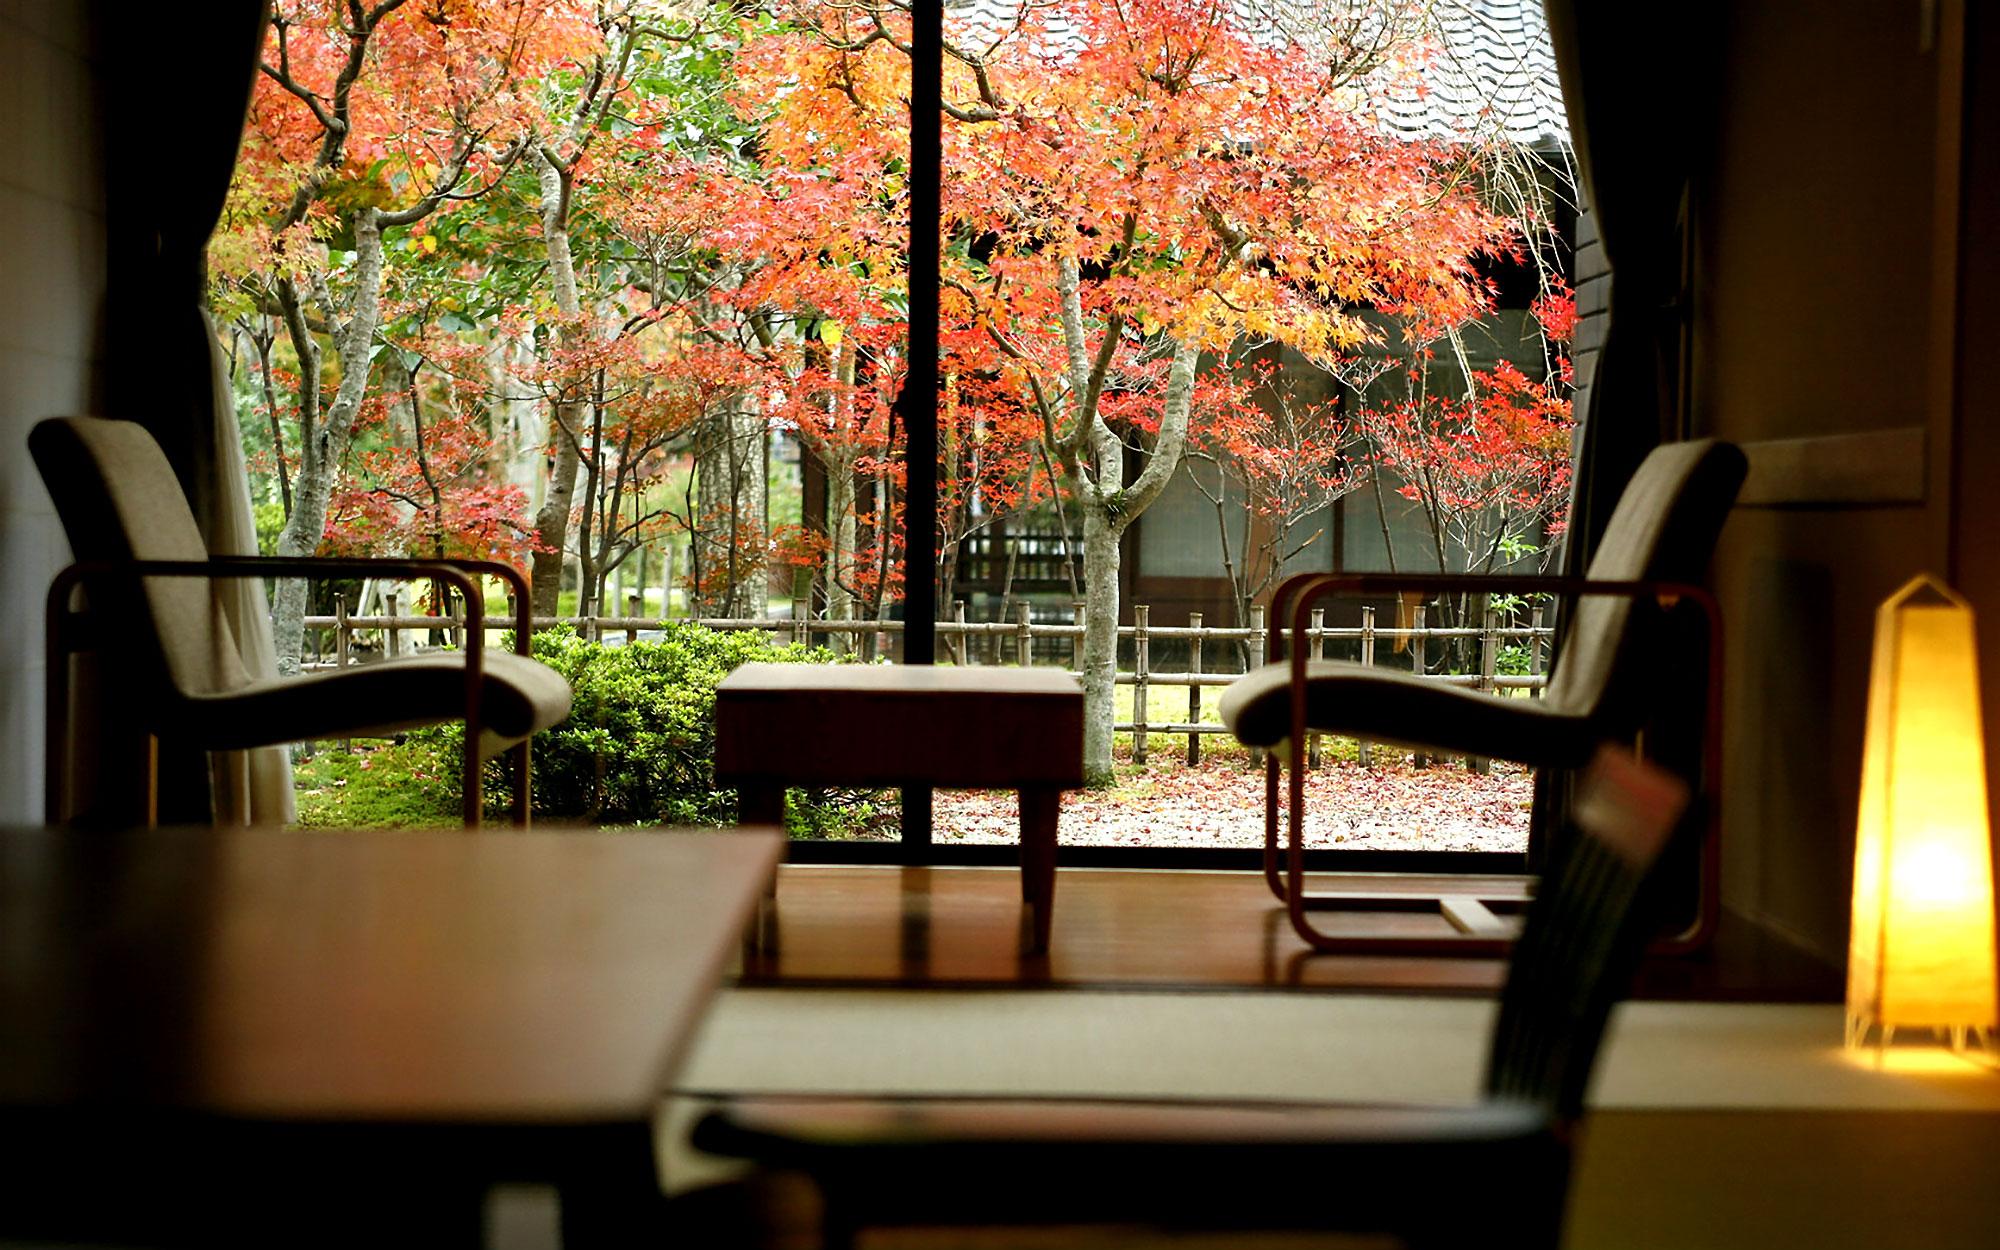 9月 客室紅葉 - 山口県 萩市 世界遺産[萩城下町]唯一の旅館 萩城三の丸 北門屋敷